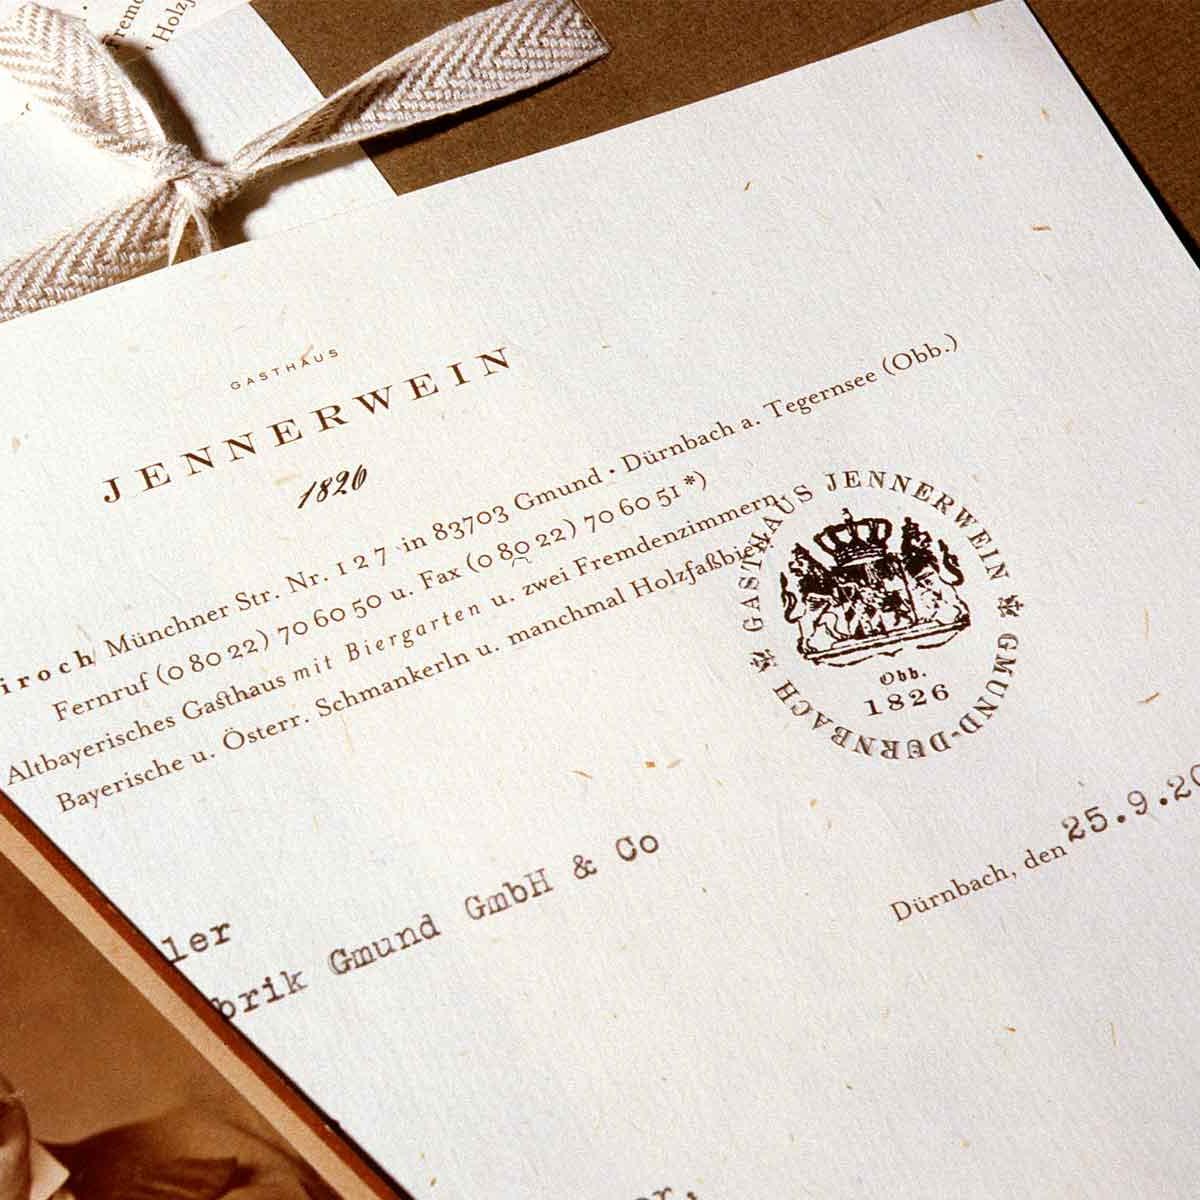 Gmund Papier, Briefpapier »Gasthof Jennerwein«.